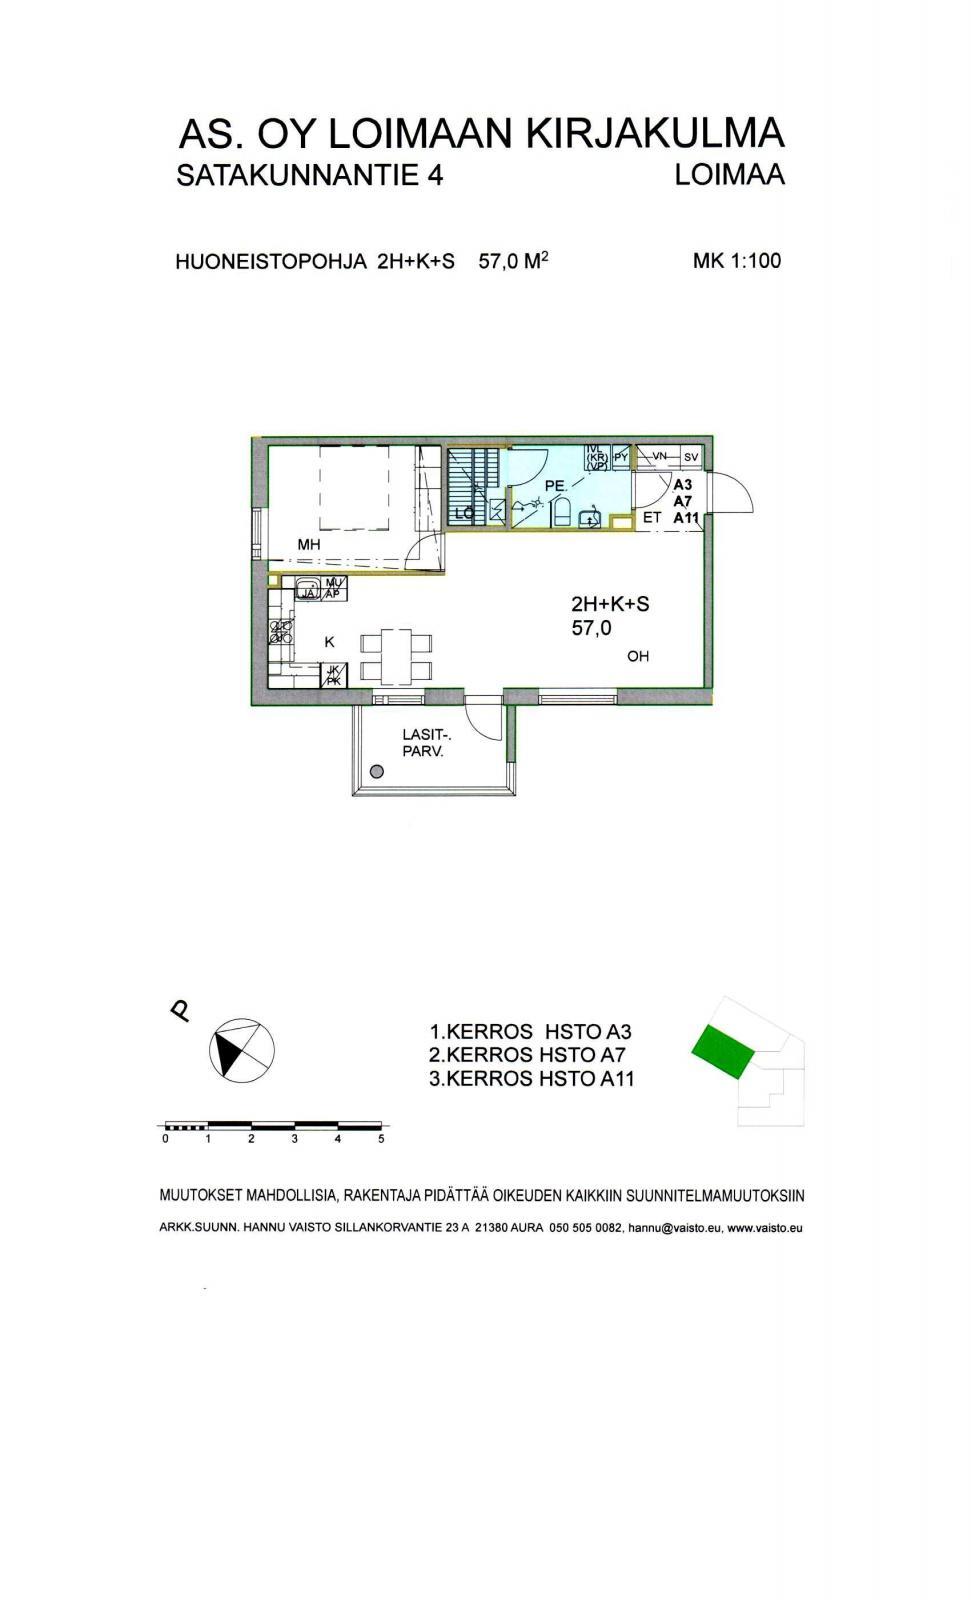 Satakunnantie 4 A7, Loimaa